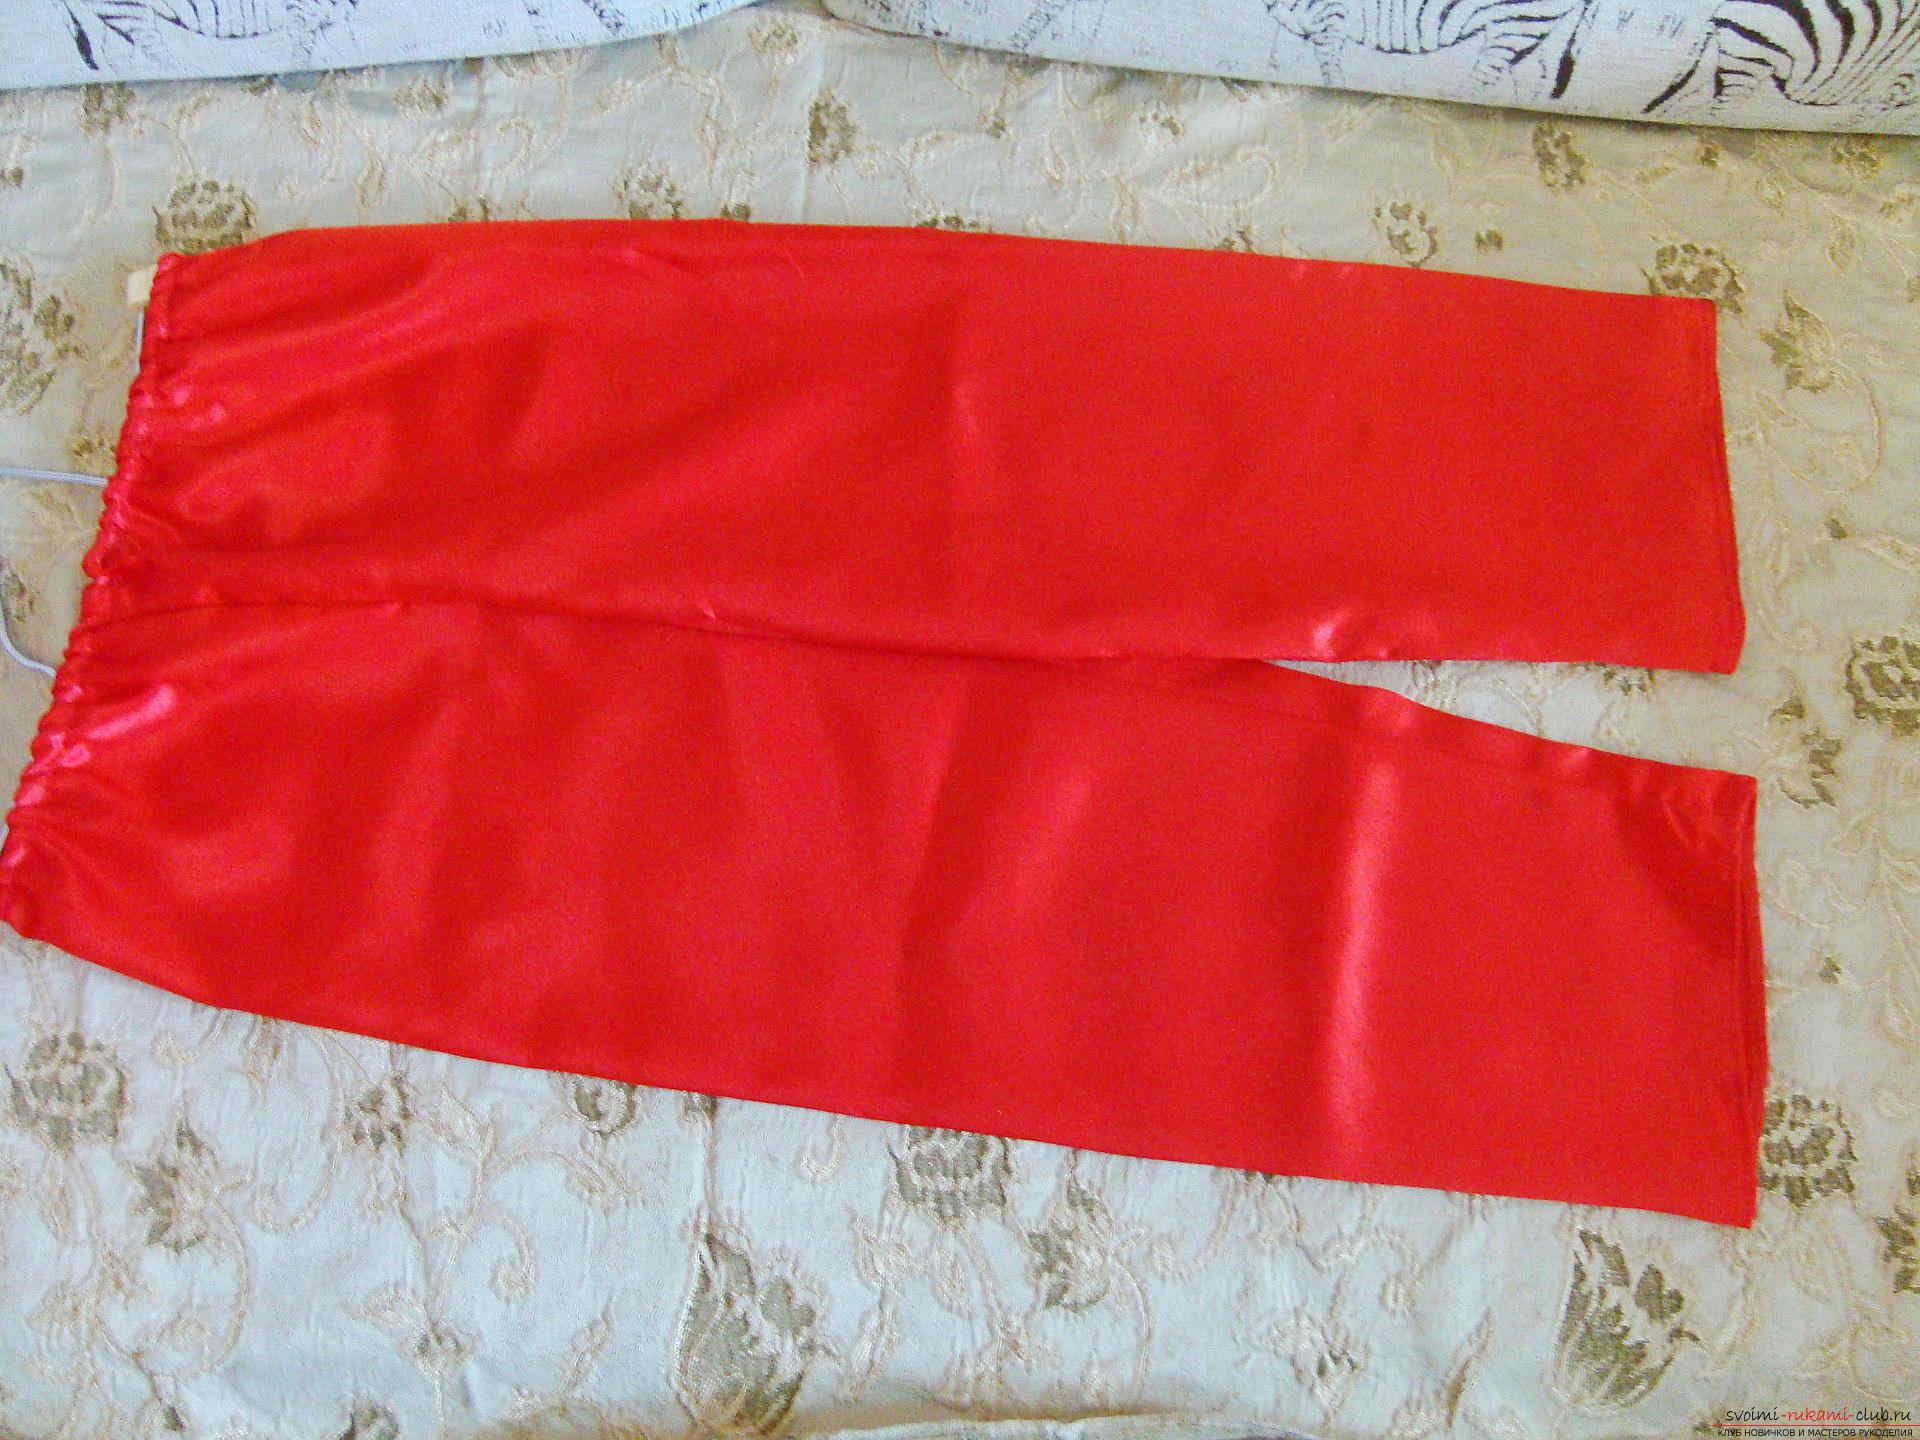 Новогодний костюм не всегда удобно купить, а пошить карнавальный костюм для мальчика может даже начинающая мастерица.</p> </div> <p> Мастер-класс с фото и видео поможет создать новогодний детский костюм по образу Санты Клауса.. Фото №5″/></p> <p>Когда бумажные выкройки будут готовы, их следует перенести на ткань, раскроив 4 детали для штанов, 2 полочки, спинку и 2 рукава для курточки, 2 или 4 клина для колпачка. Вырезая детали, нельзя забывать про припуски для швов 1,5-2 см, а в верхней части штанов нужно оставить 3-4 см для резинки.</p> <p> Белый мех раскраивается длинными полосами по длине подола курточки, полочек, ворота, низа рукавов, штанин и колпака.</p> <p><div style=